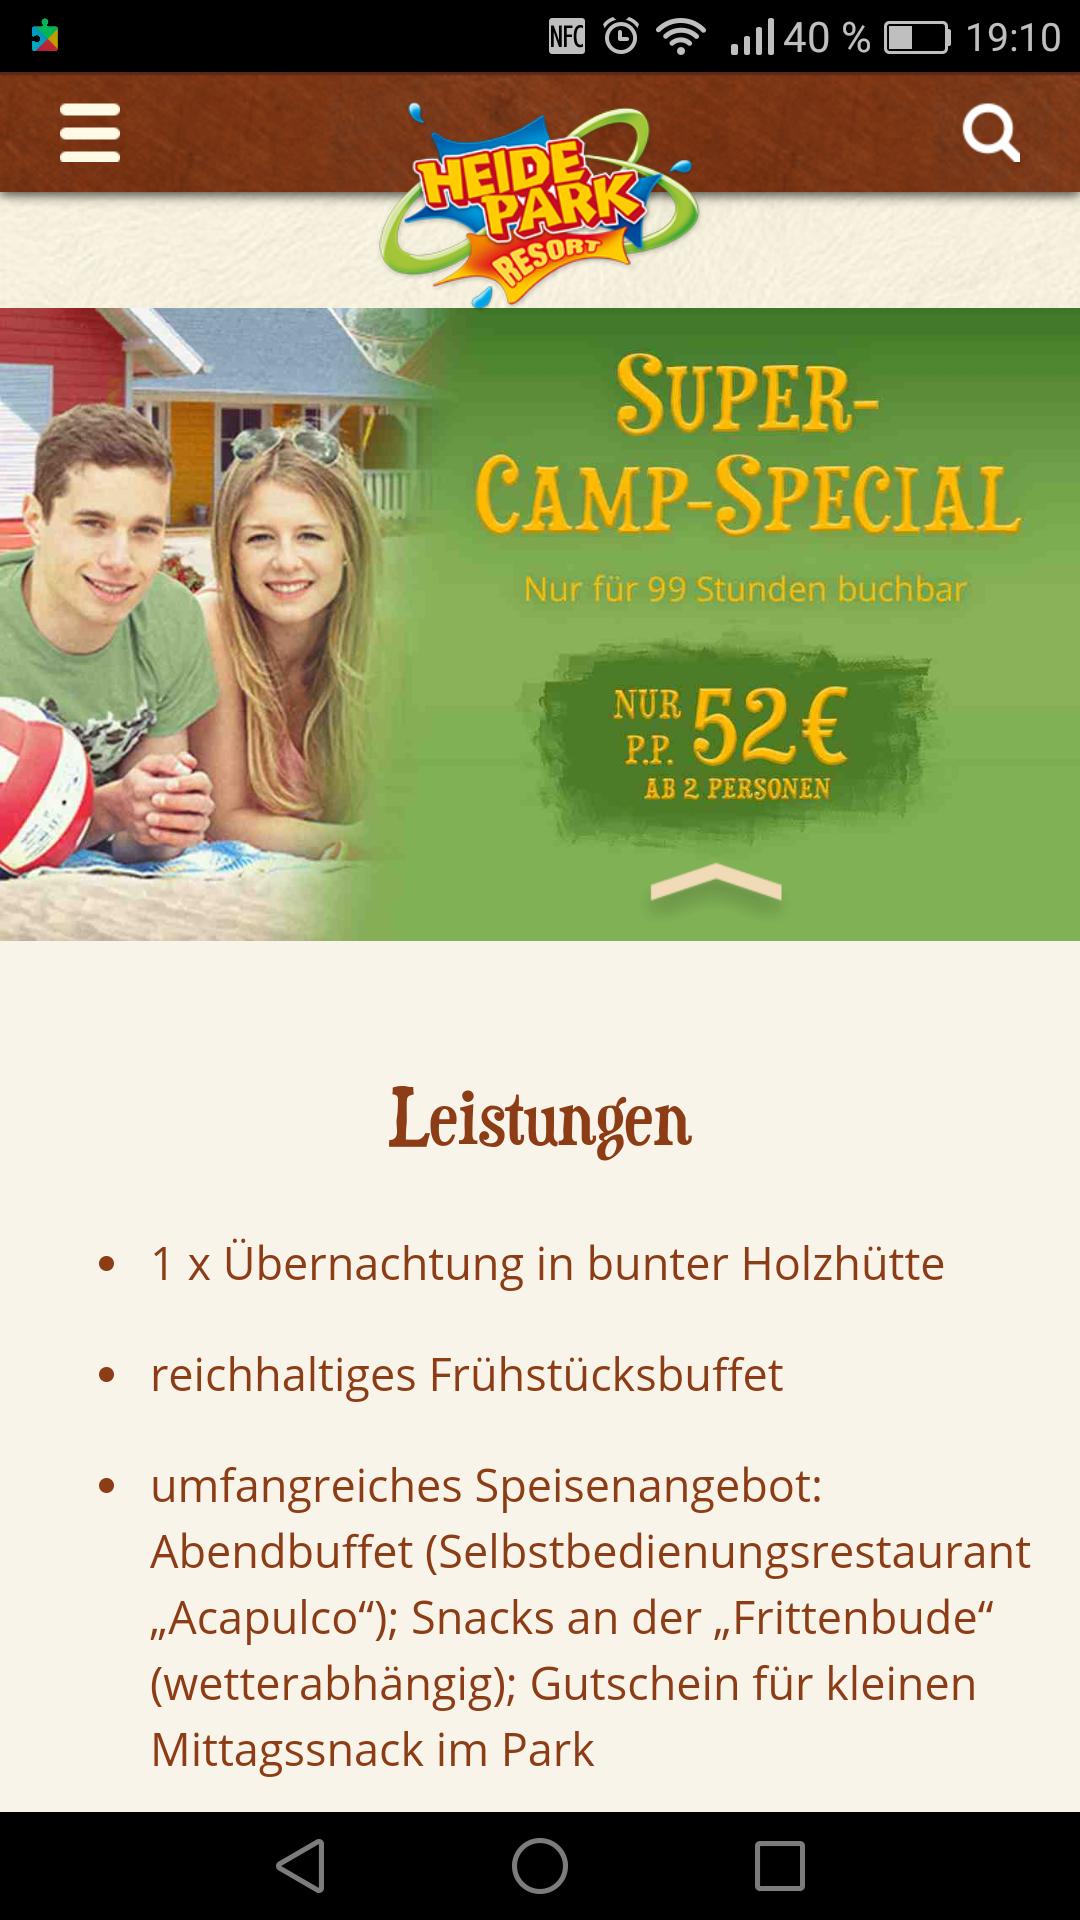 Heide Park Super Camp Spezial 52€ p.p. All in und 2 Tage Eintritt